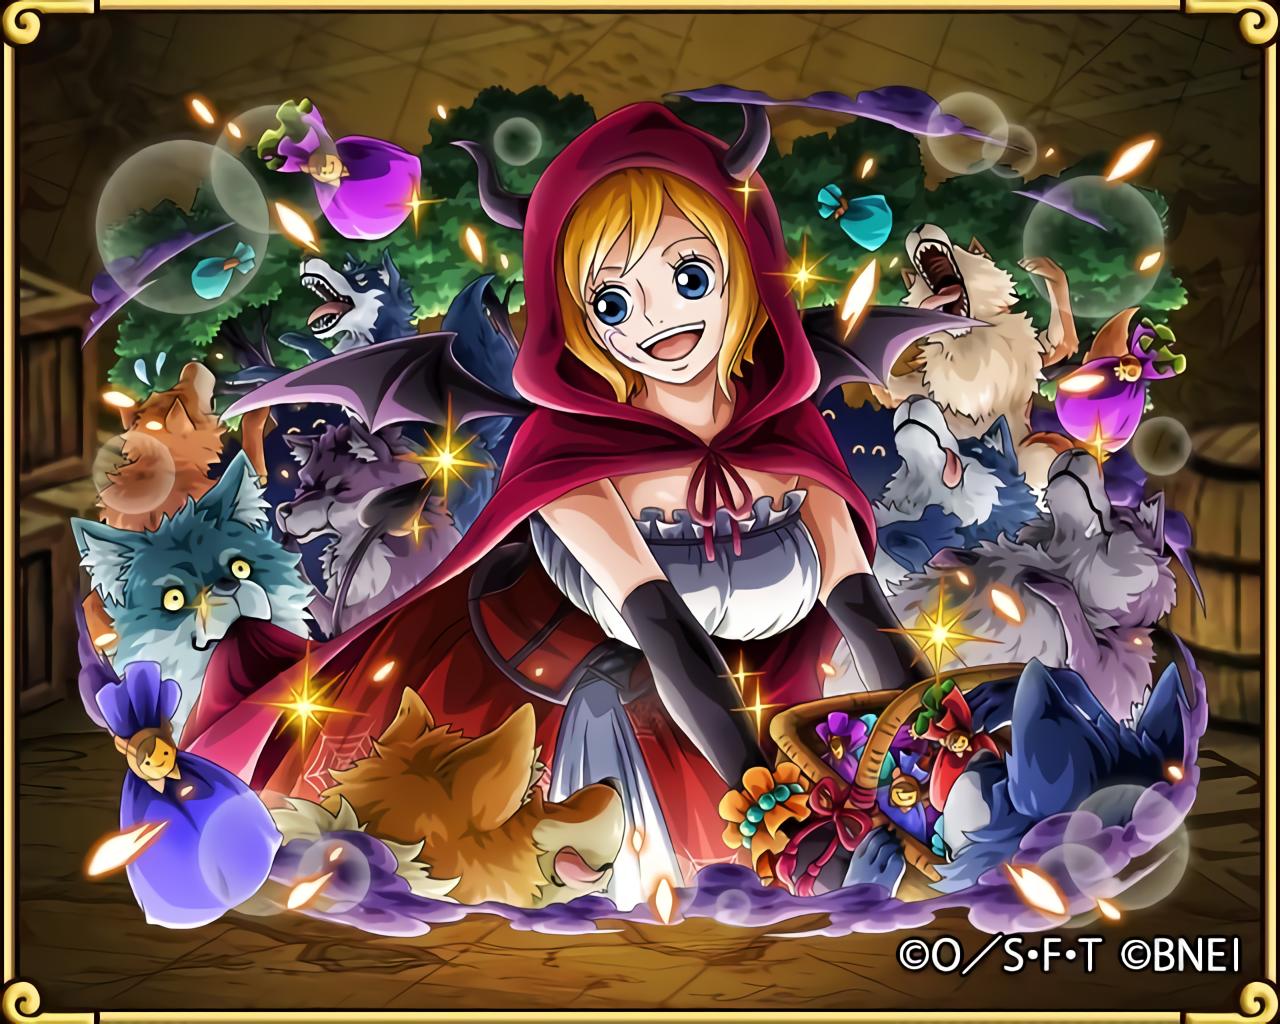 コアラ 施しの赤ずきん happy halloween トレクル エース ワンピース コアラ